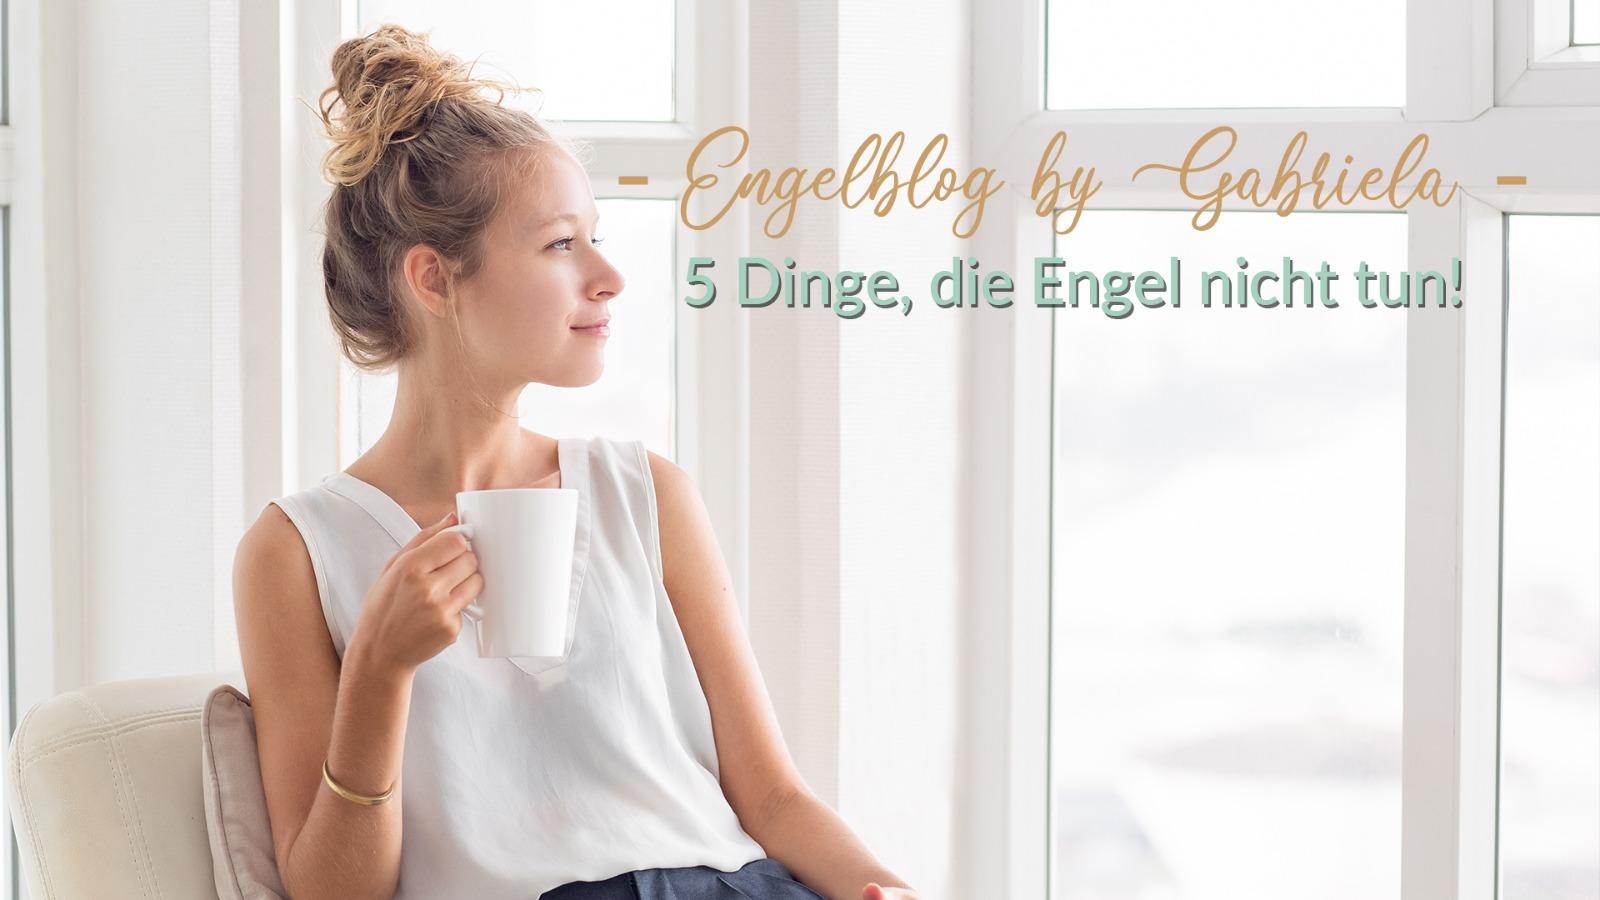 5 Dinge die Engel nicht tun